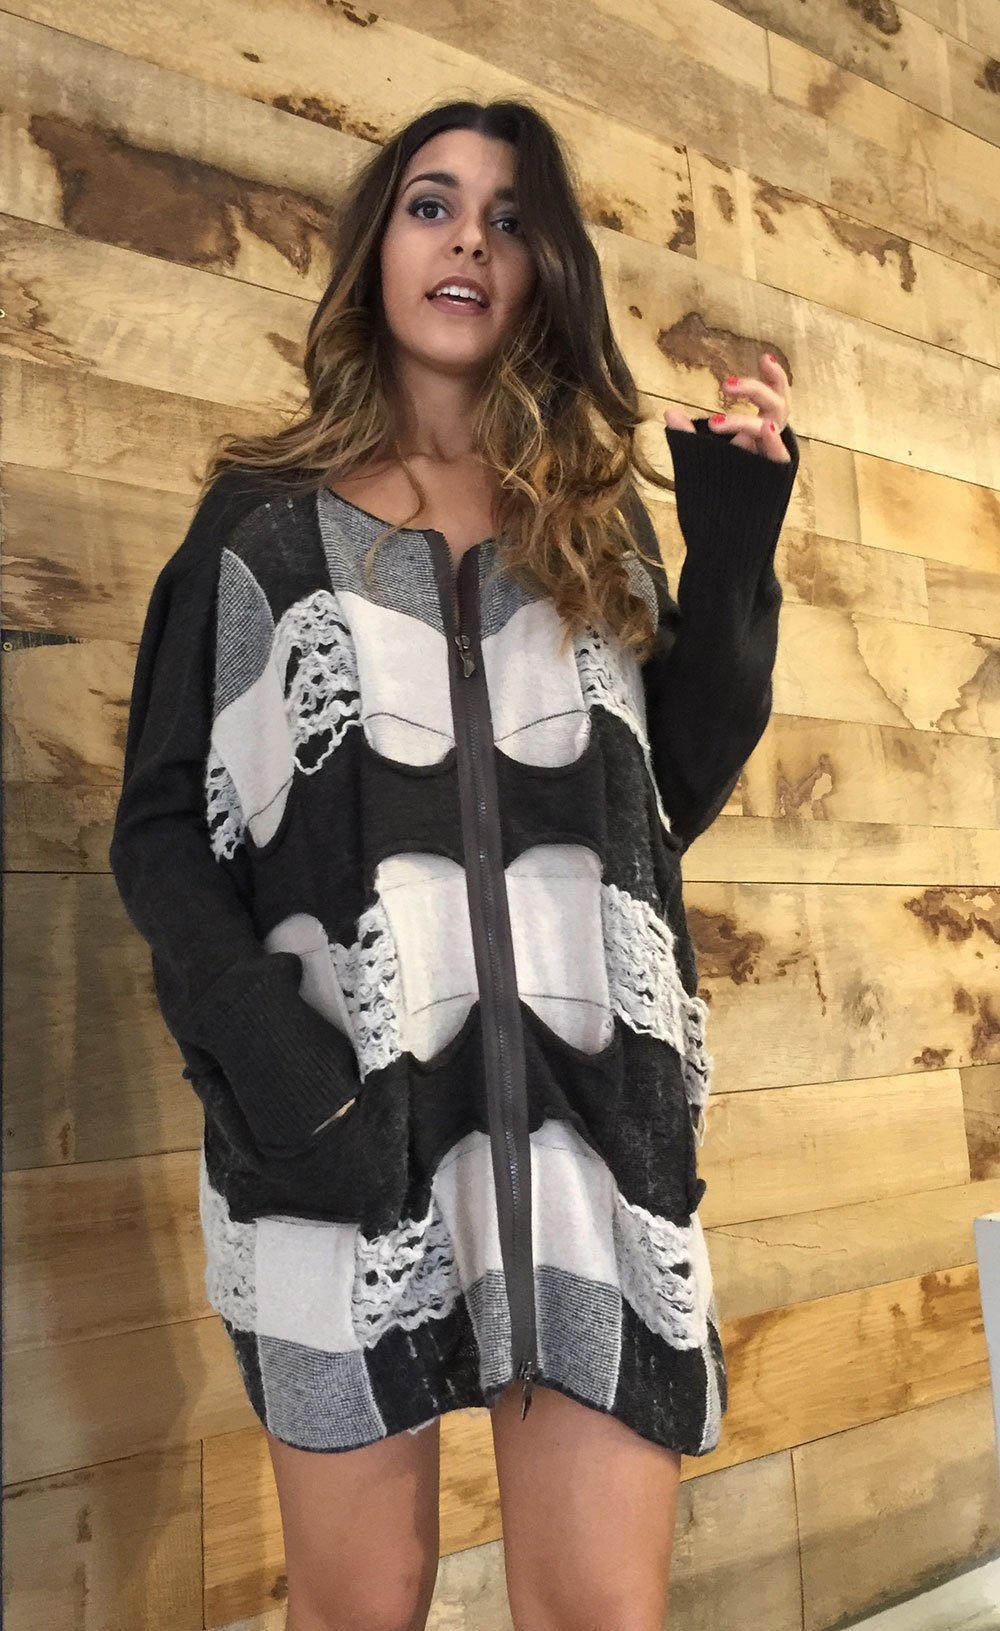 una ragazza con una maglia bianca a disegni neri